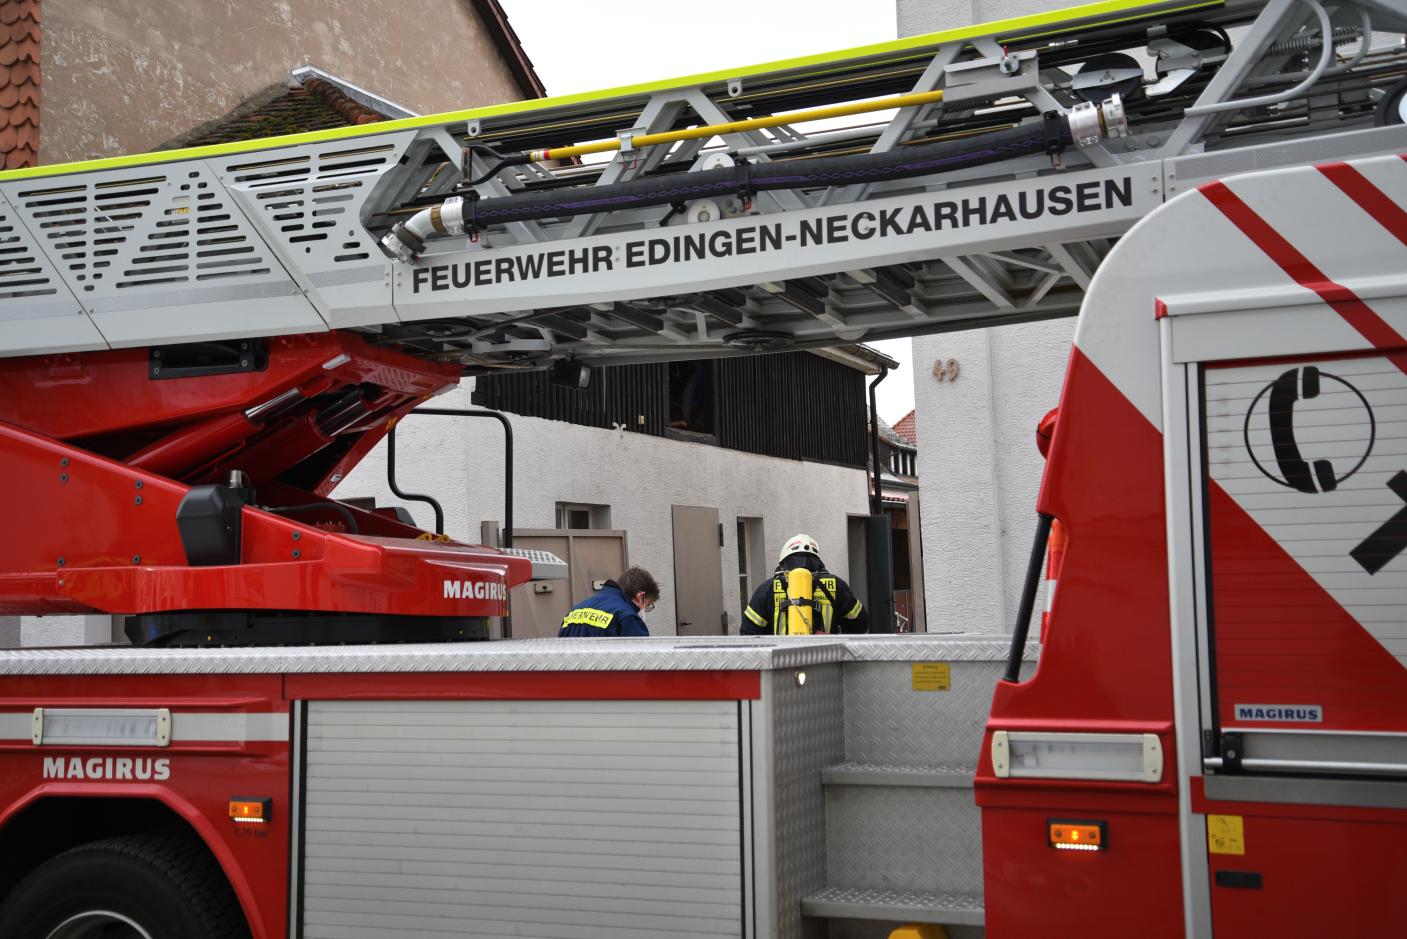 Edingen-Neckarhausen Rhein-Neckar-Kreis: Wohnungsbrand - eine Person leicht verletzt